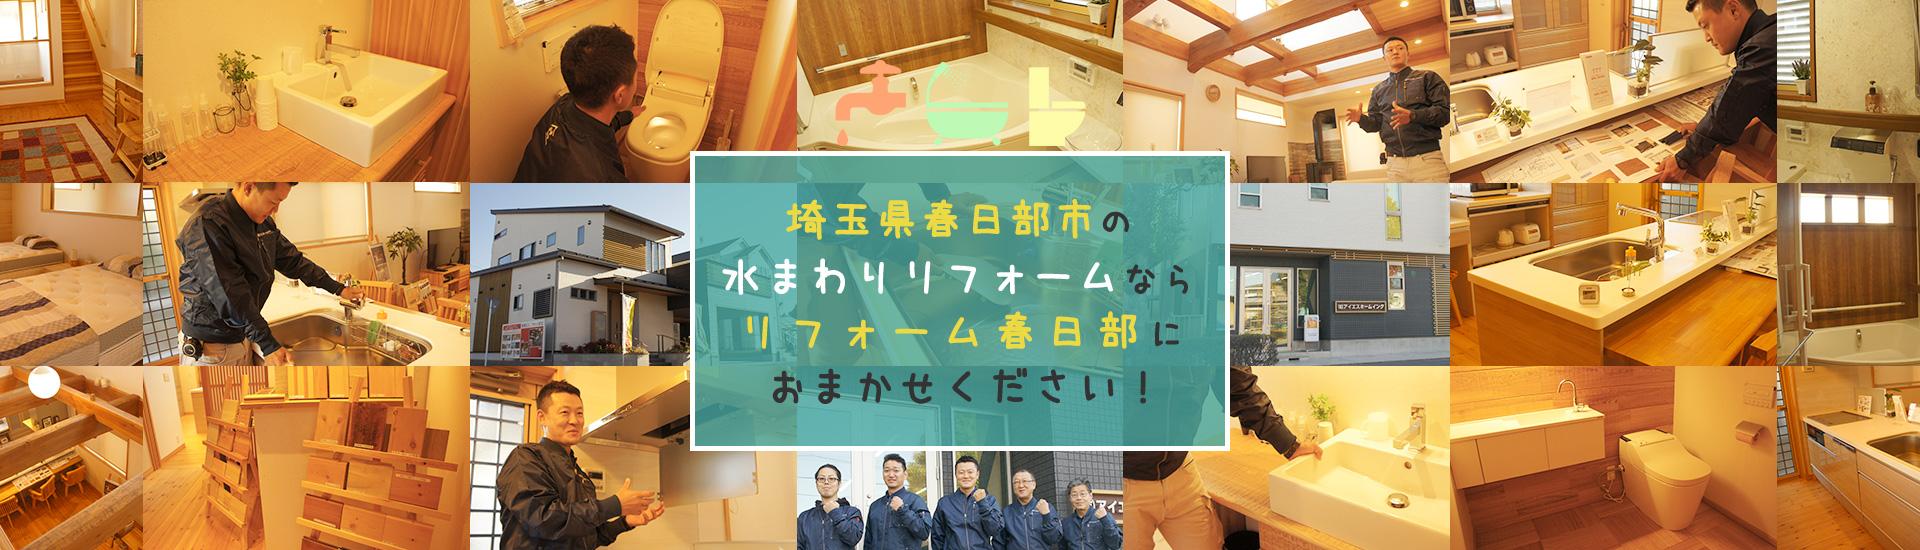 埼玉県春日部市の水まわりリフォームならアイエスホームイングにおまかせください